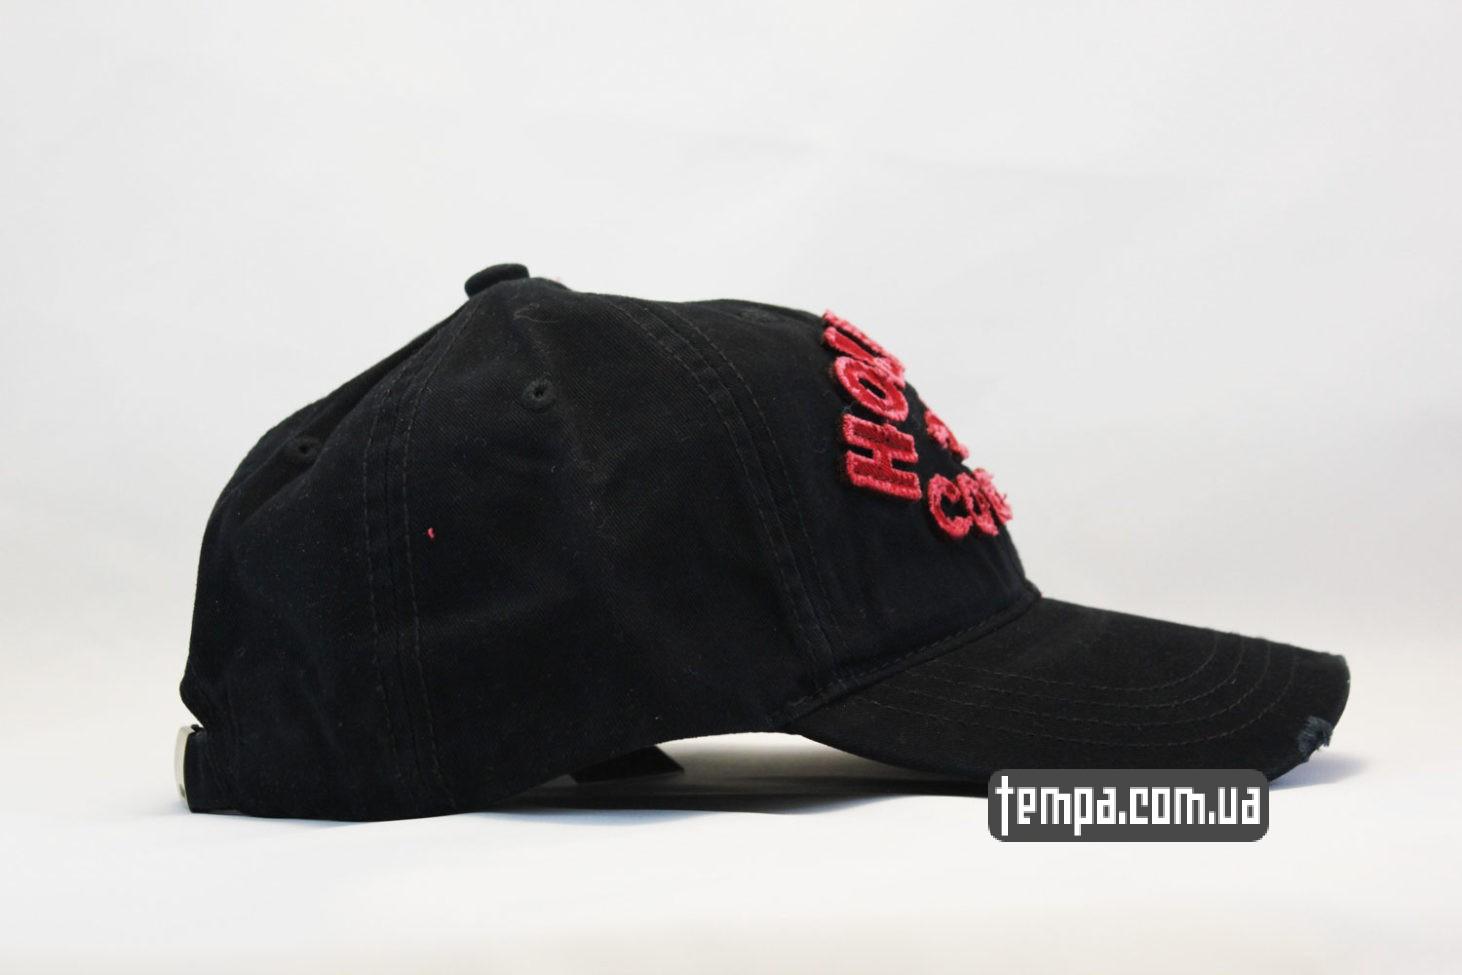 холистер украина кепка бейсболка hollister черная с логотипом и чайкой